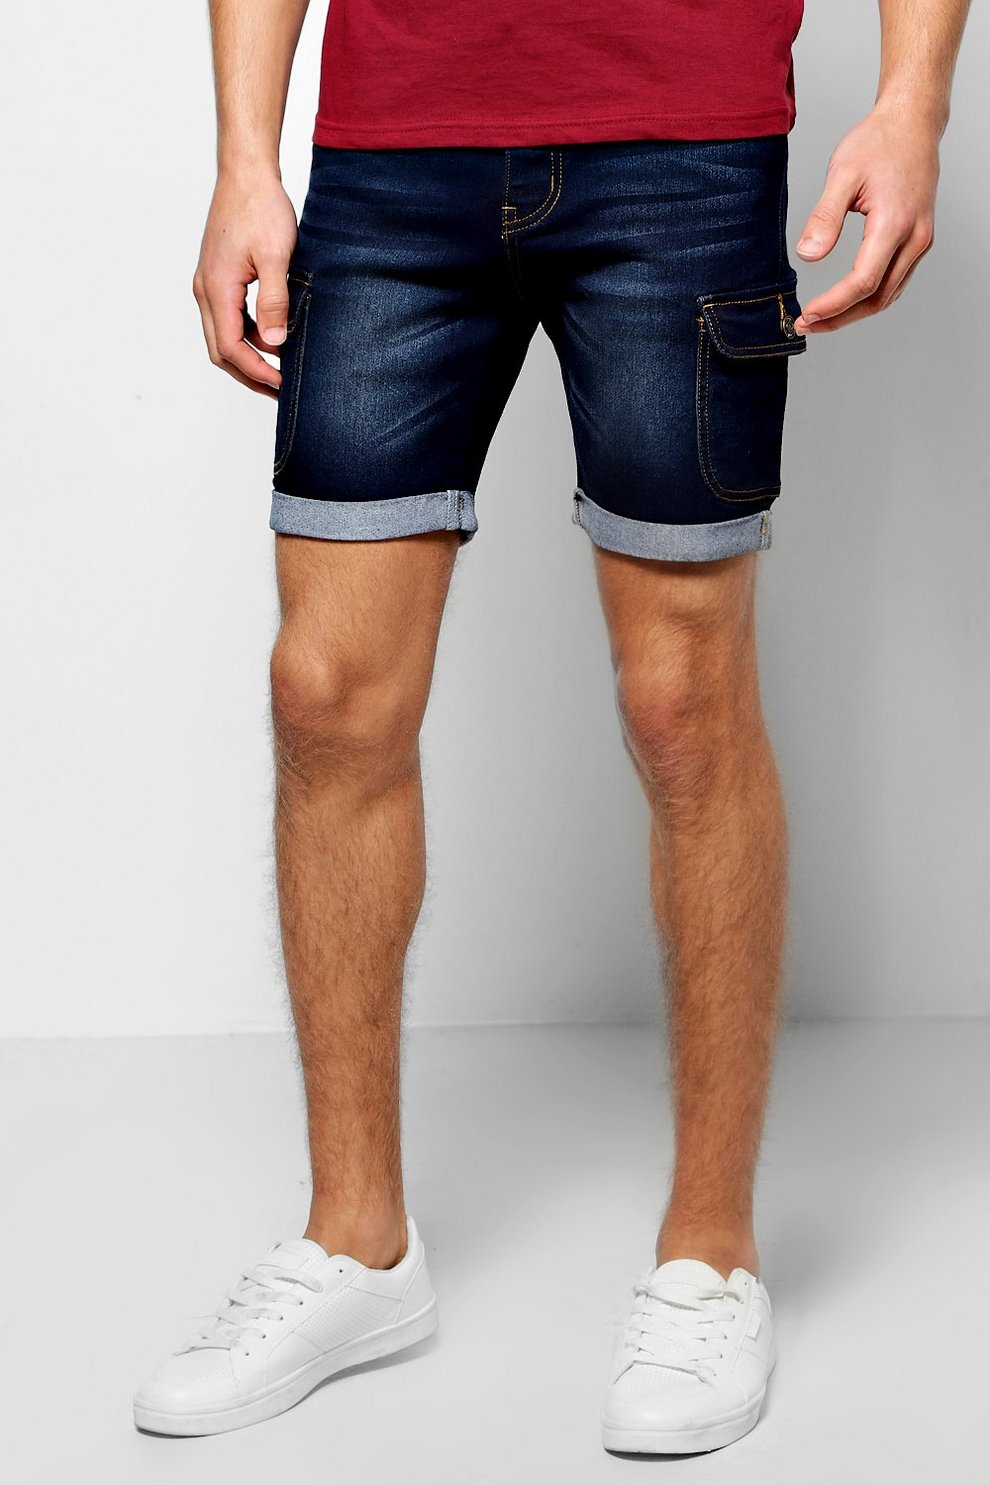 En StretchBoohoo Cargo Jean Short Skinny kZuOPXi